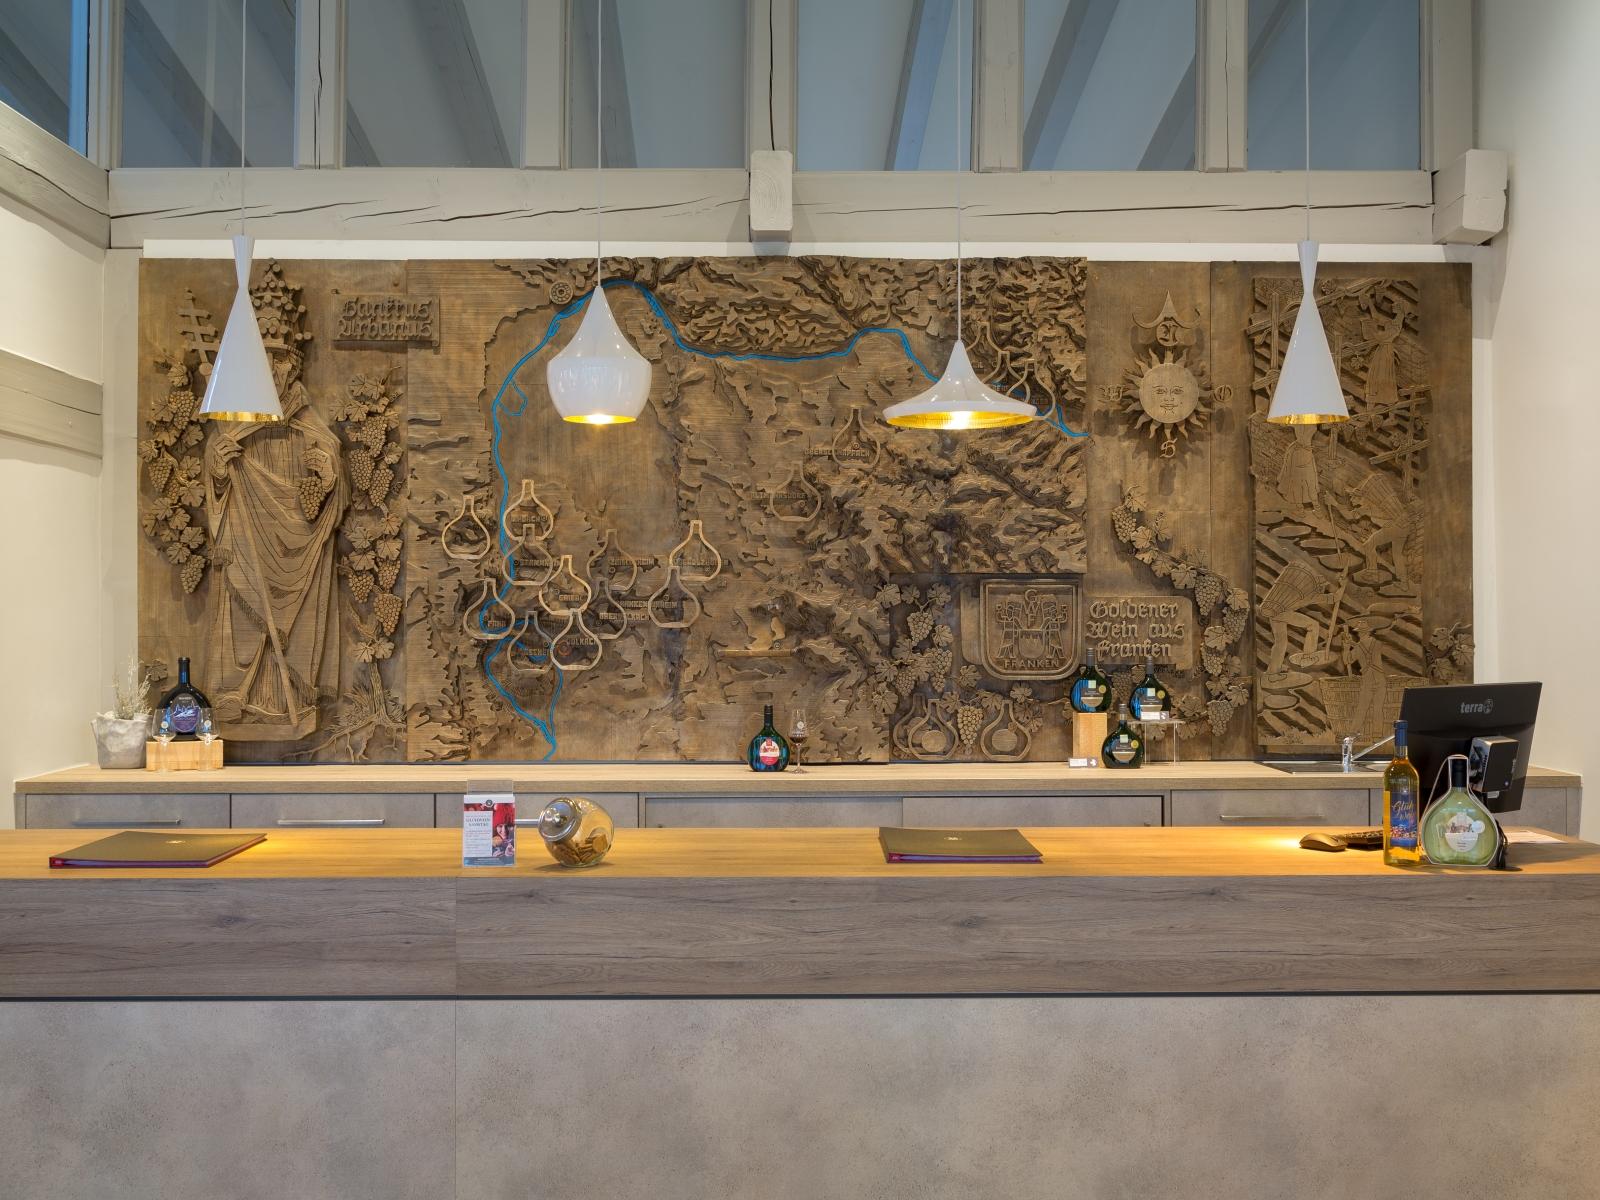 Der ansprechend gestaltete Verkaufsraum mit Verkaufstheke und Kupferplatte im Hintergrund